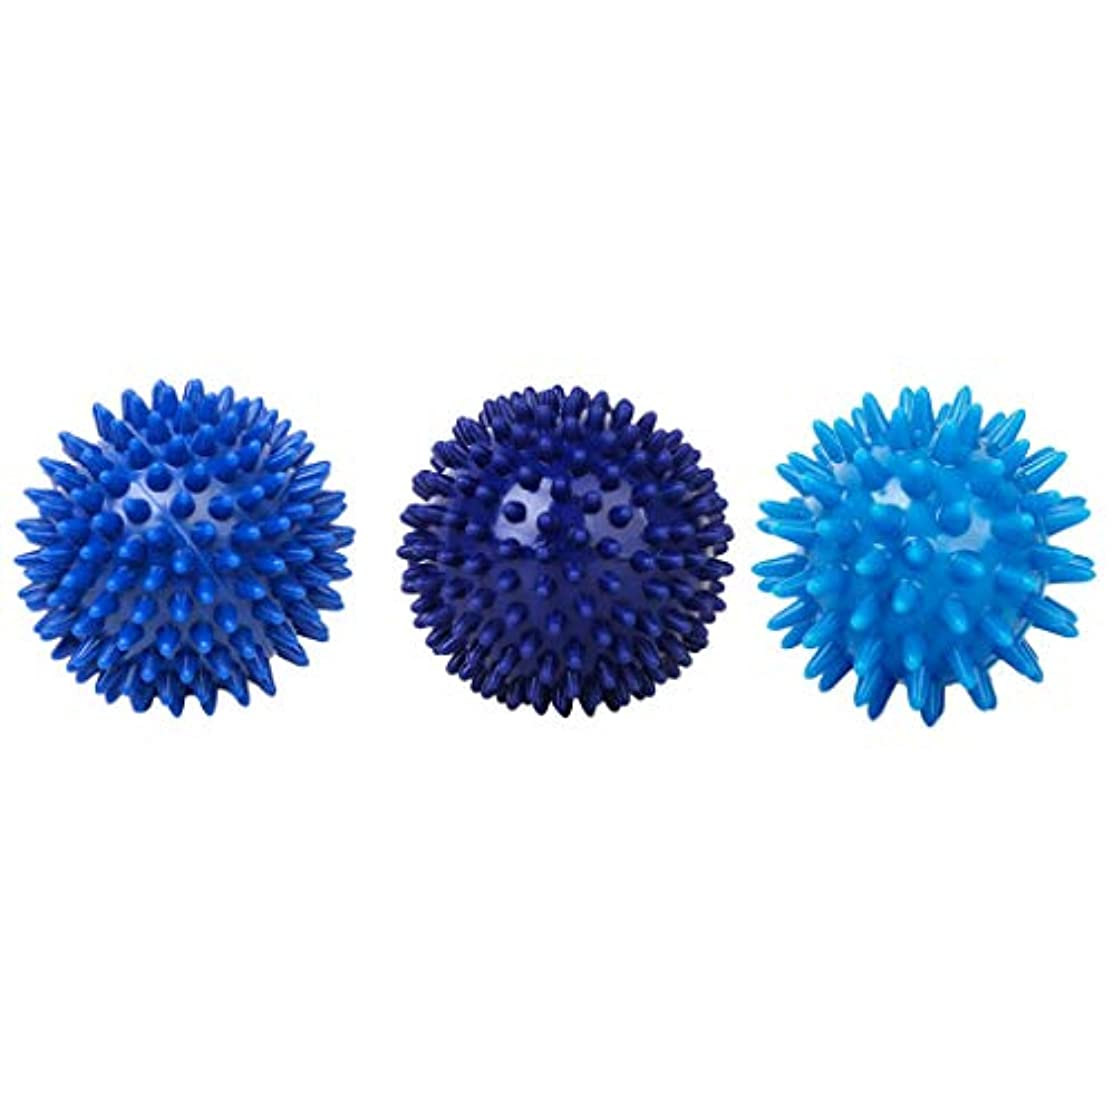 複製するボウル有用マッサージボール 筋膜ボール ハードボール プラスチック 全身マッサージ 血液循環促進